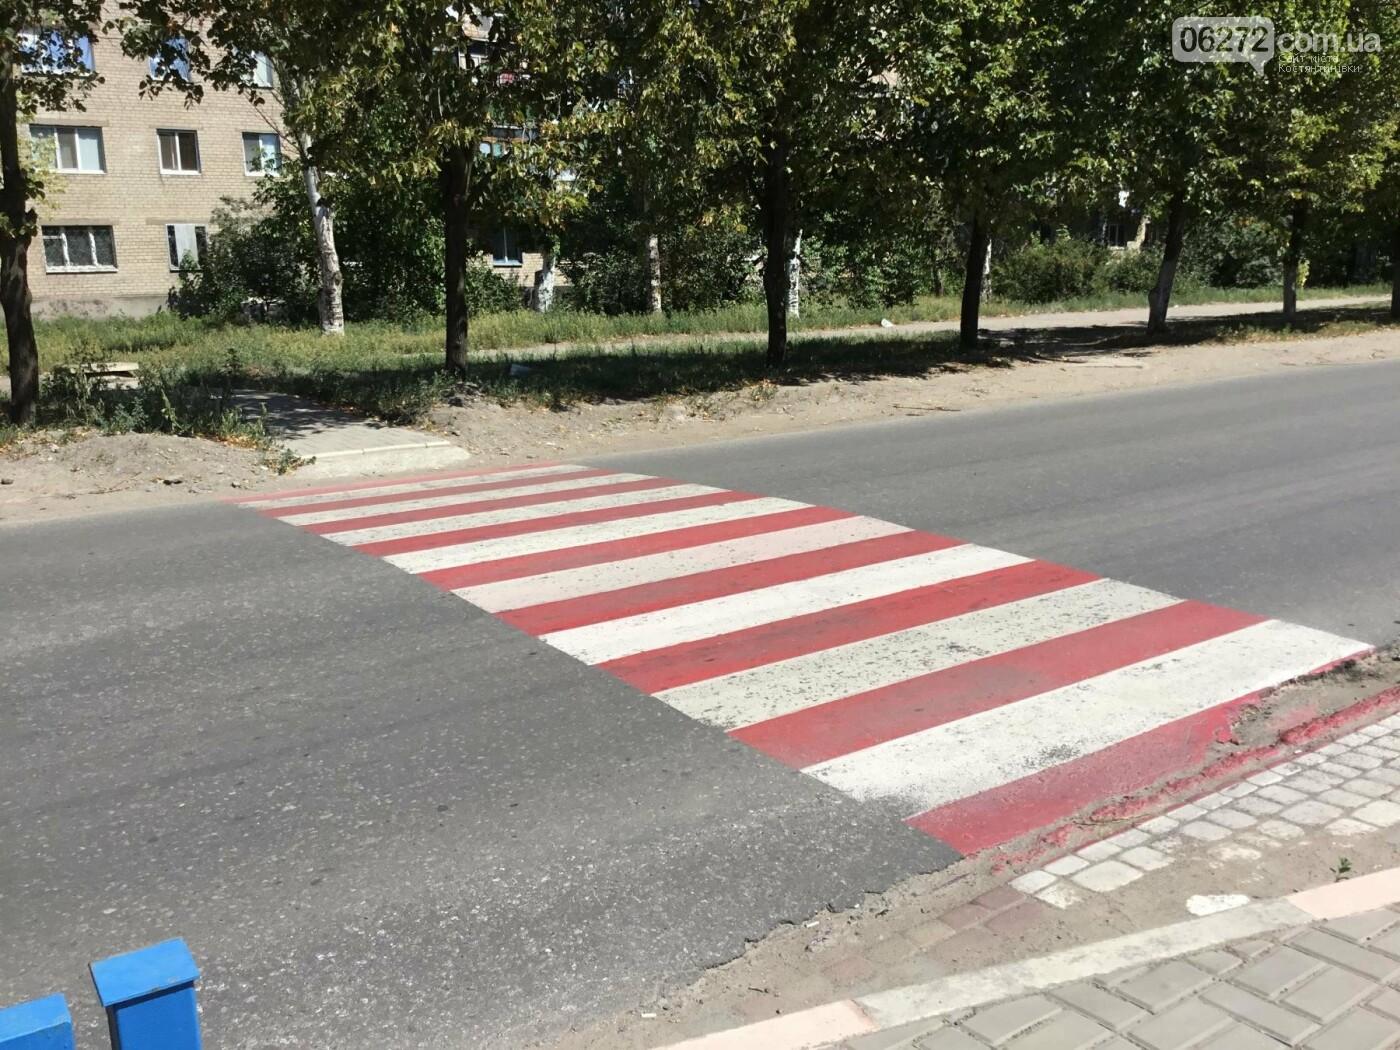 В Константиновке в районе «Семиветровки» новая красивая остановка (фотофакт), фото-5